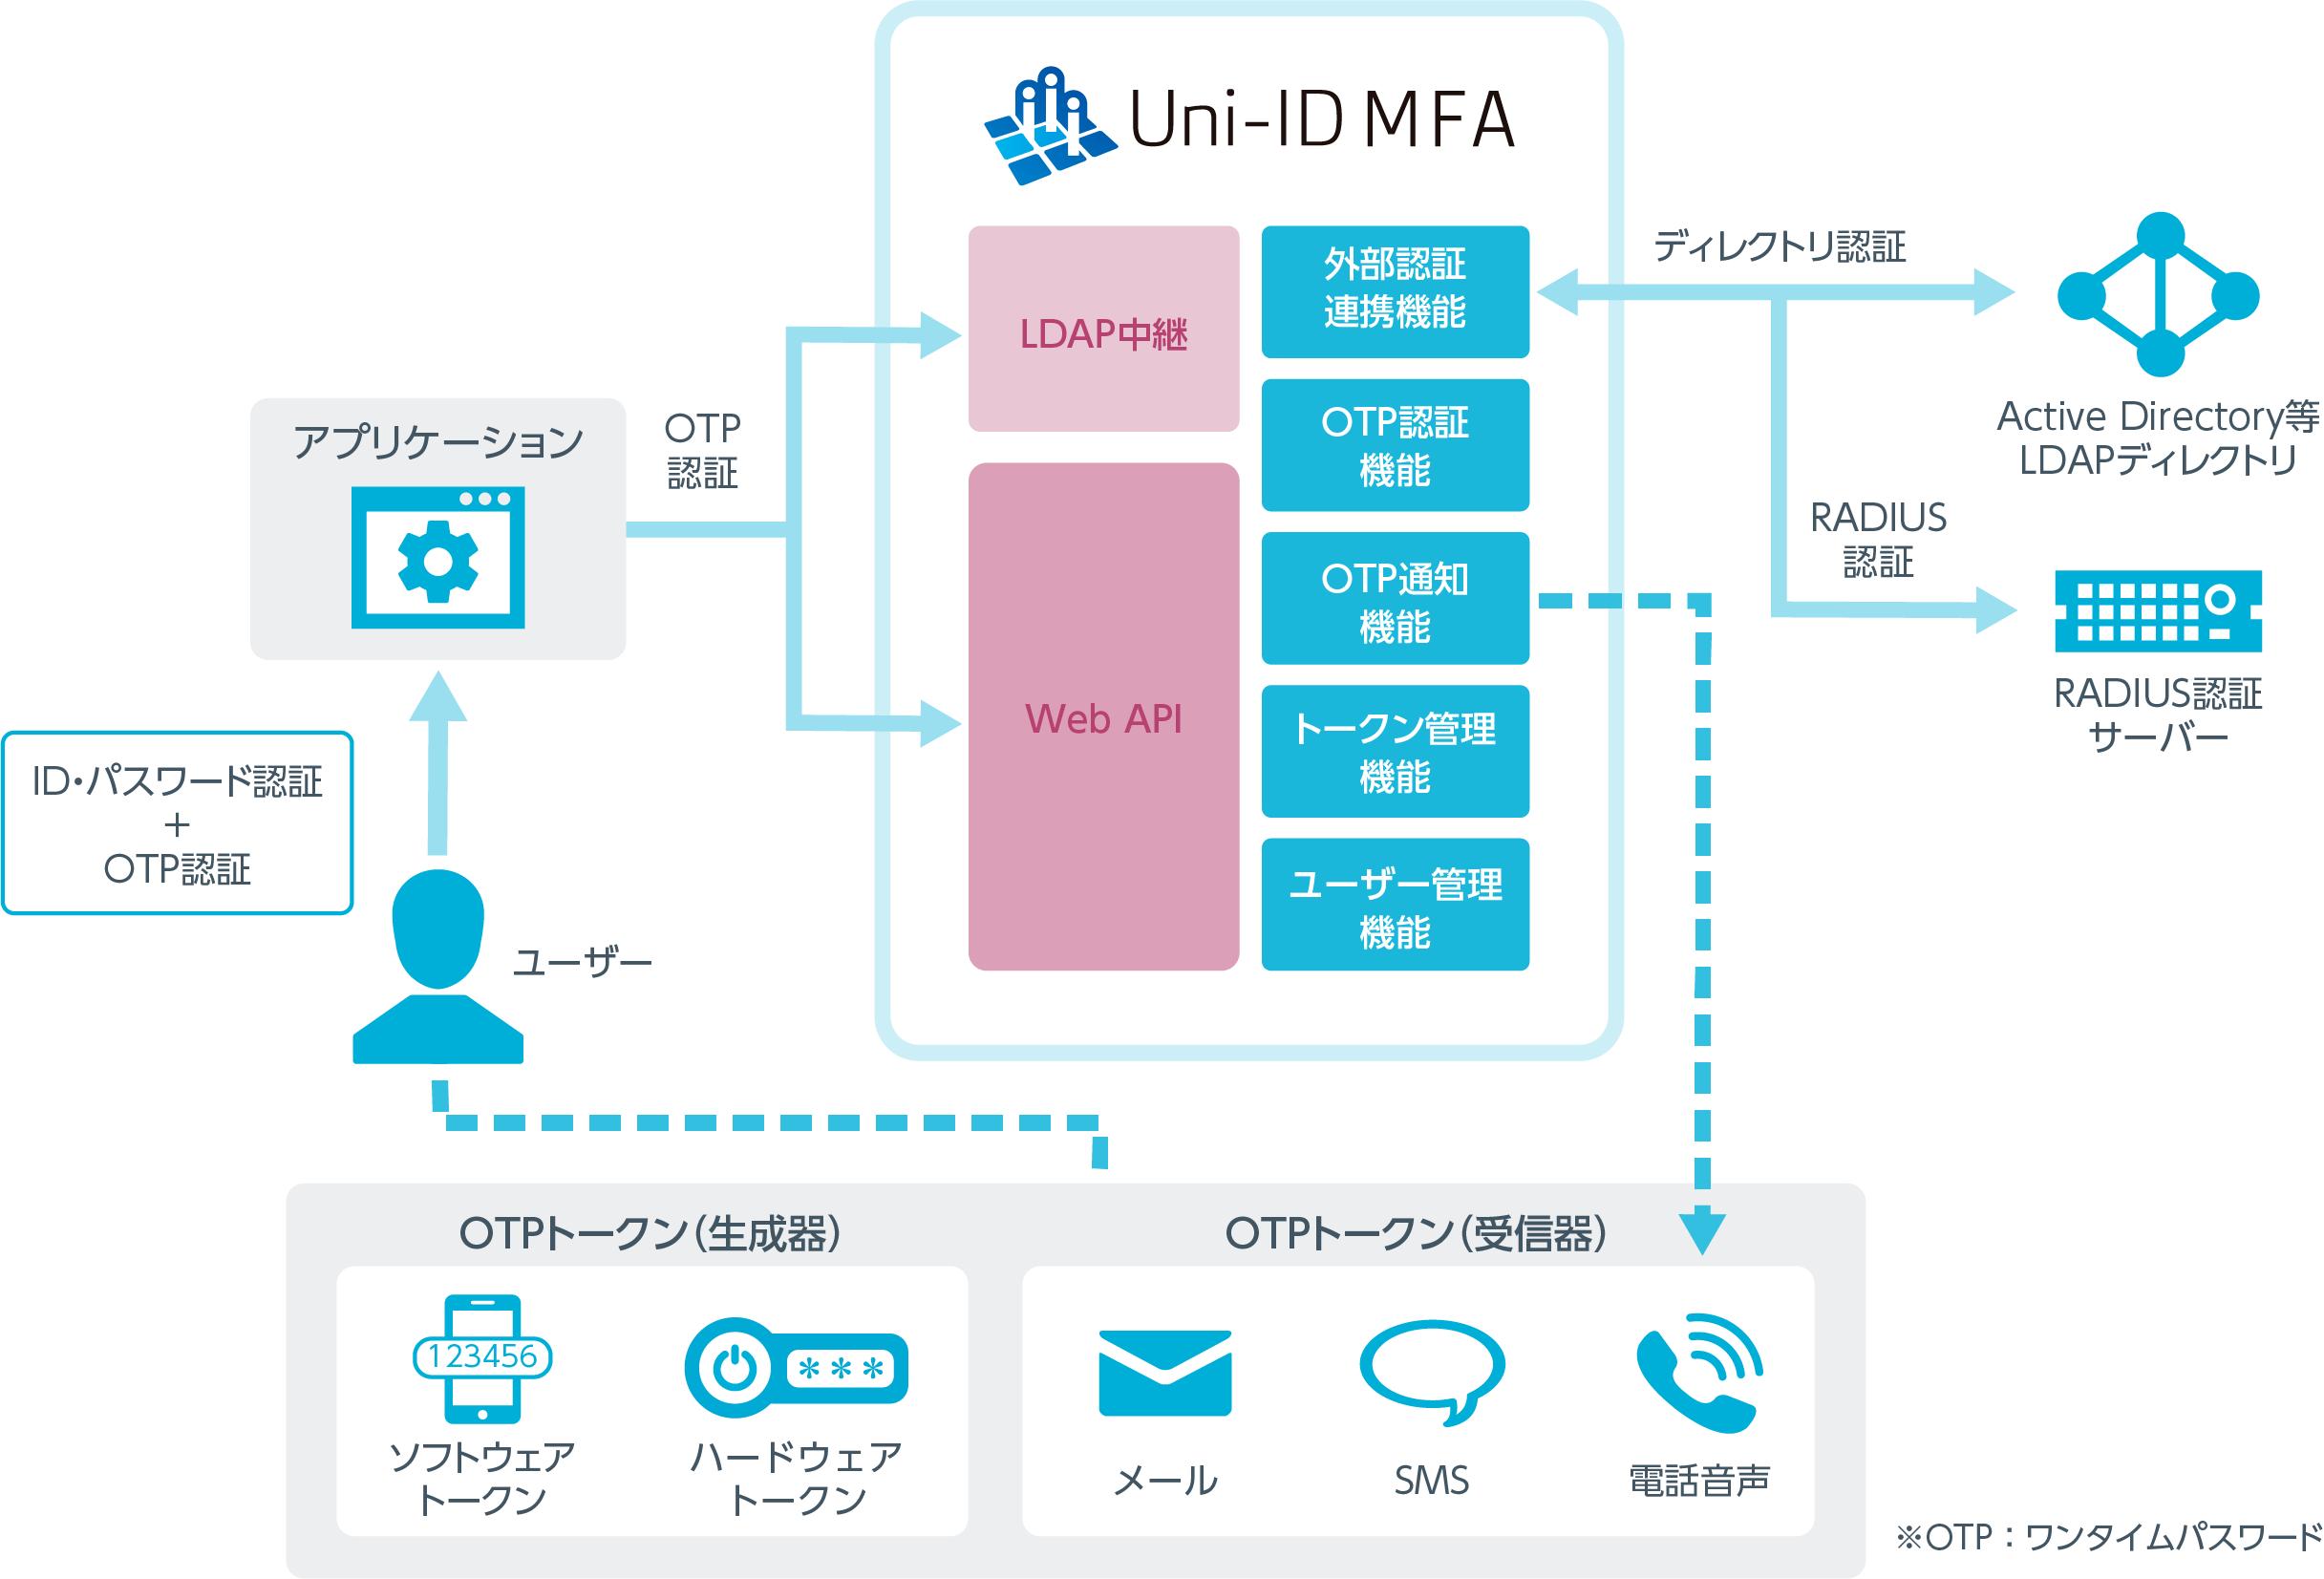 uni-id_mfa-image01